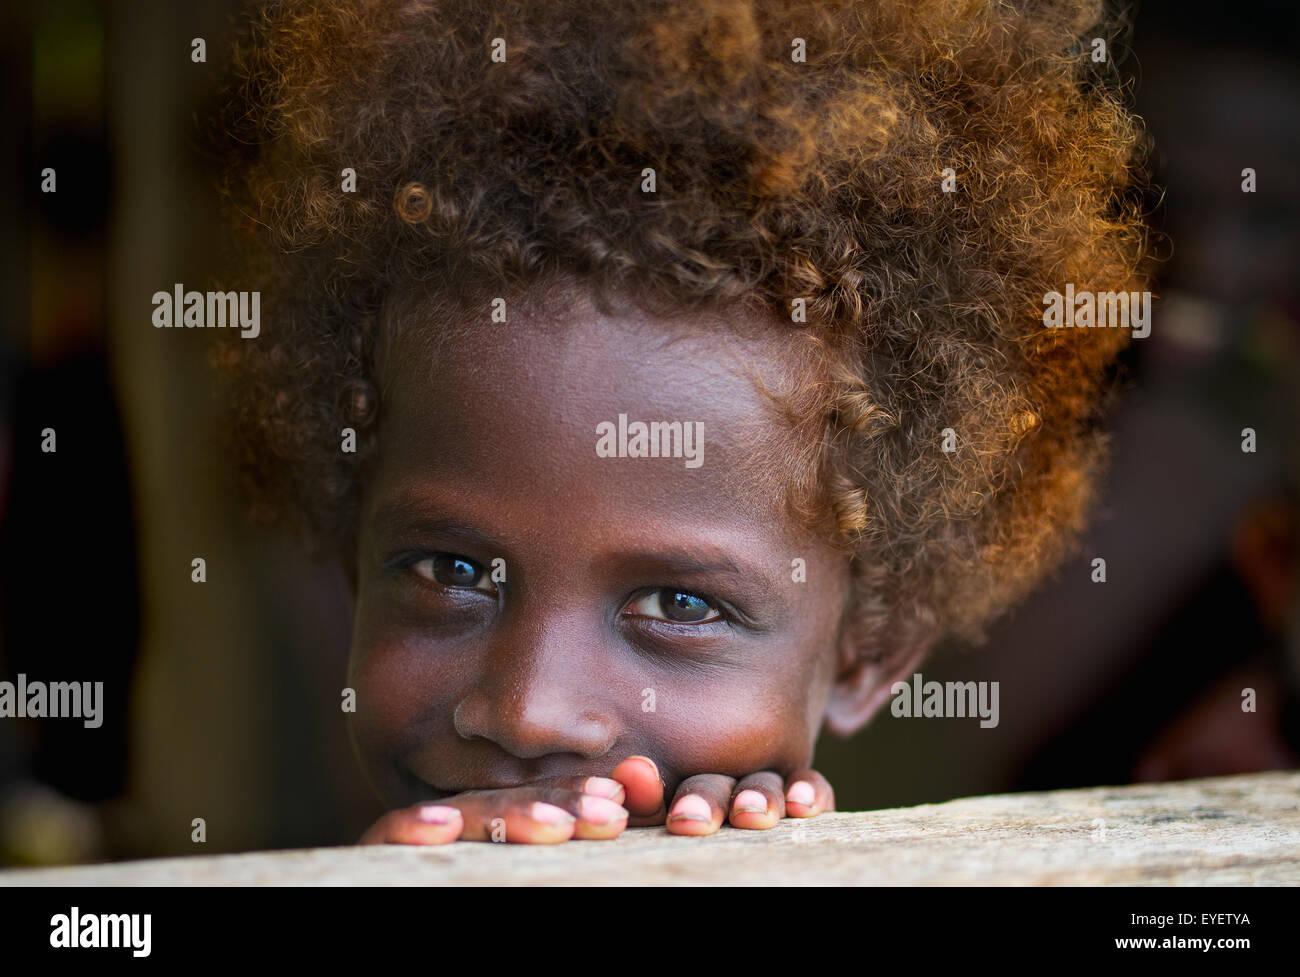 Porträt eines jungen Mädchens der Solomon Island; Gizo, Western Province, Salomonen Stockbild